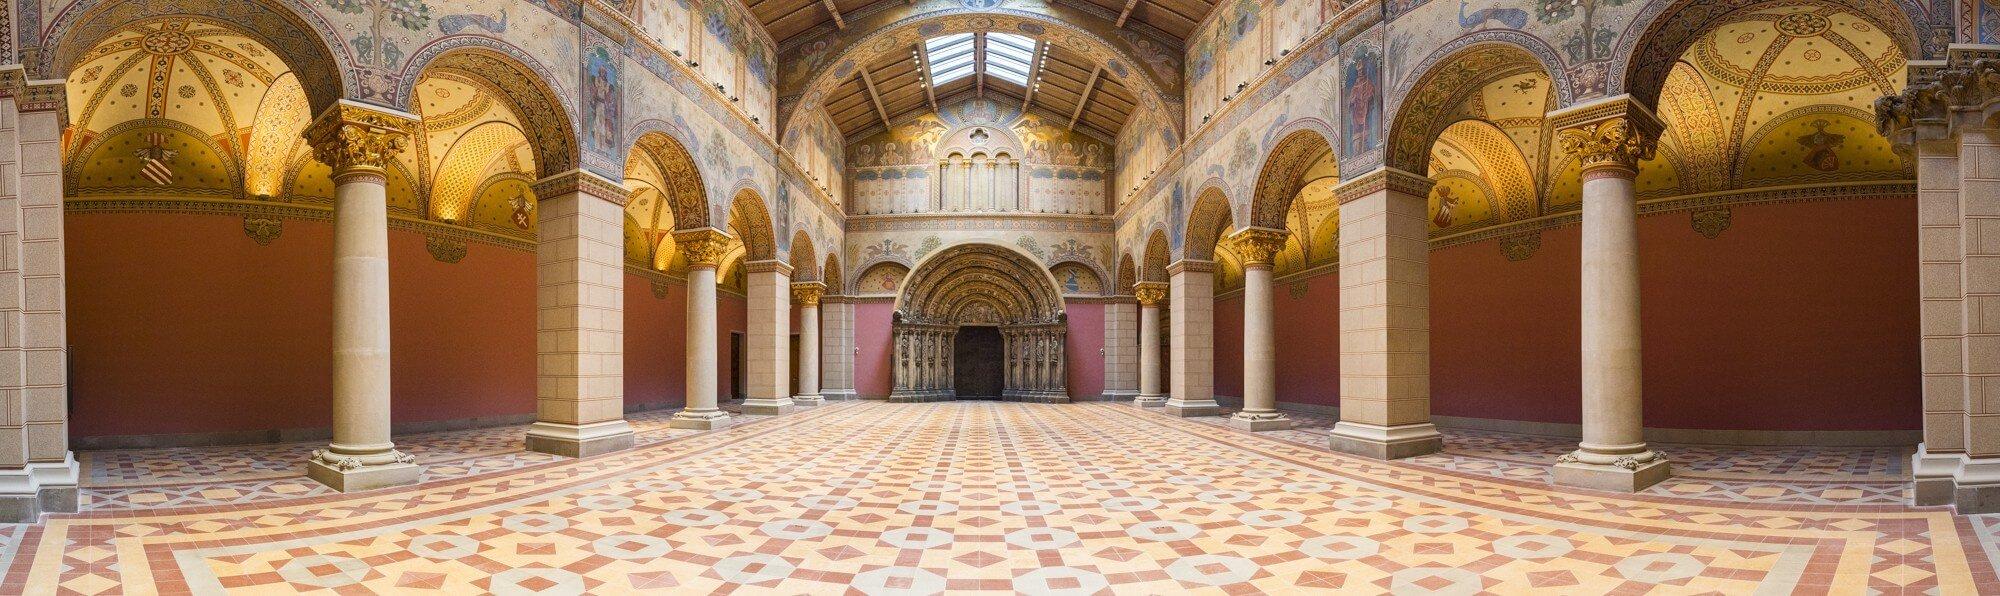 Ilyen lett felújított a Szépművészeti Múzeum - képriport